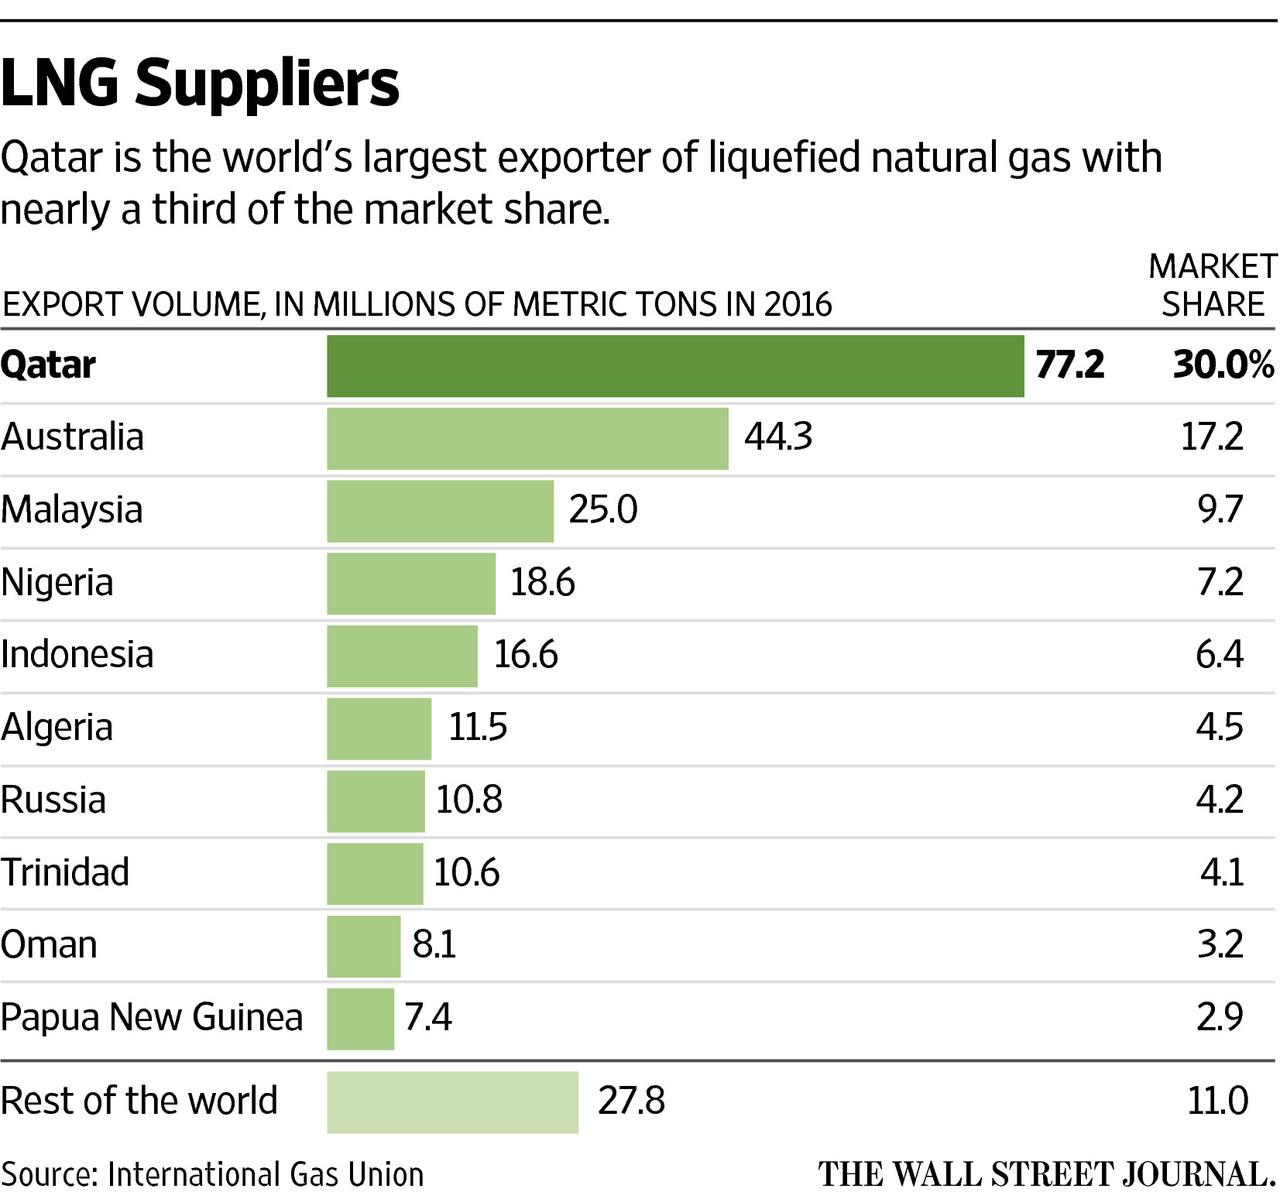 卡塔尔危机为哪般?福祸皆因天然气 俄罗斯或成最大赢家 - 木买蚂蚁 - hfzhangping的博客